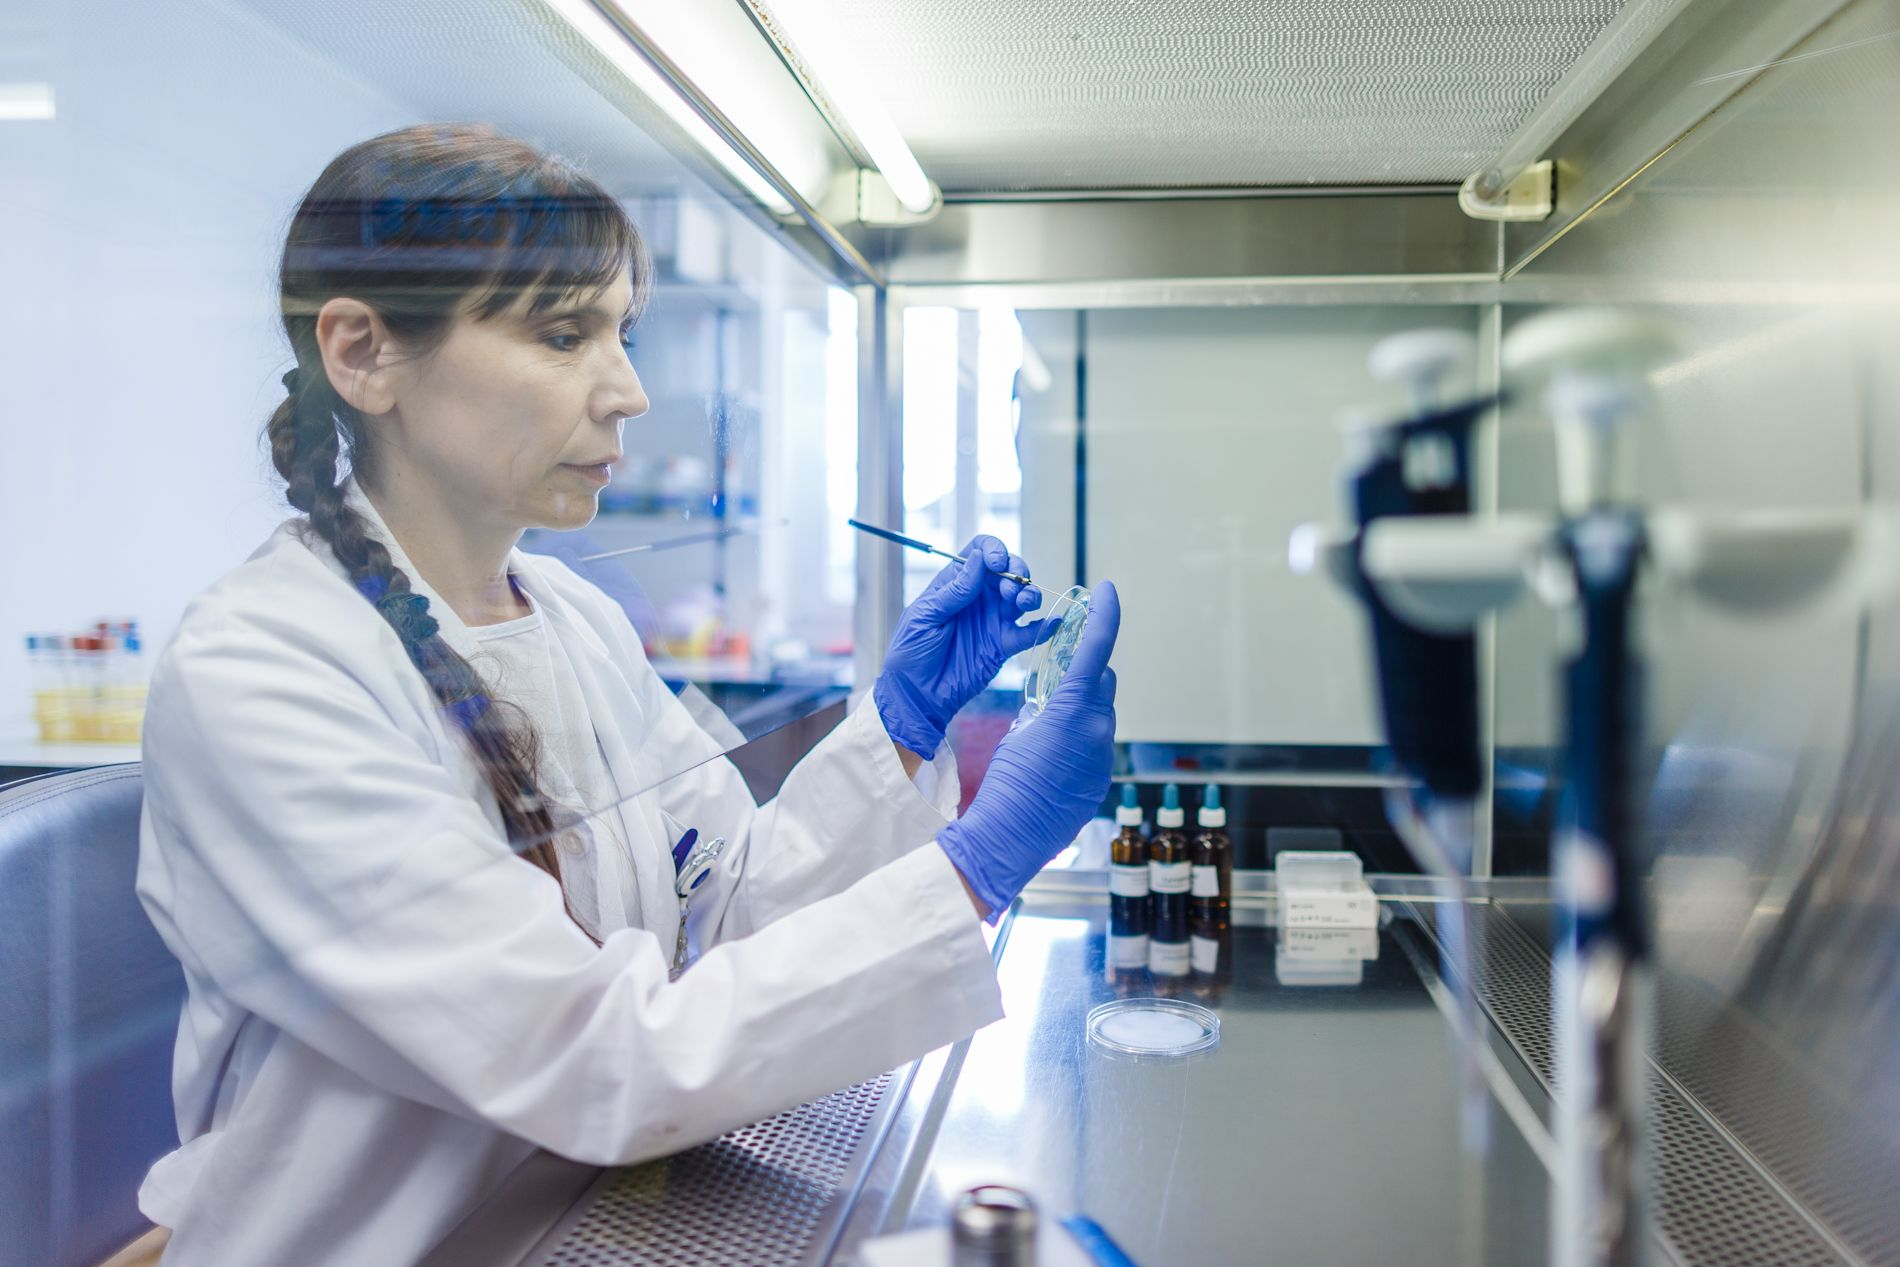 Eine Forscherin untersucht eine Probe unter einer Abzugshaube